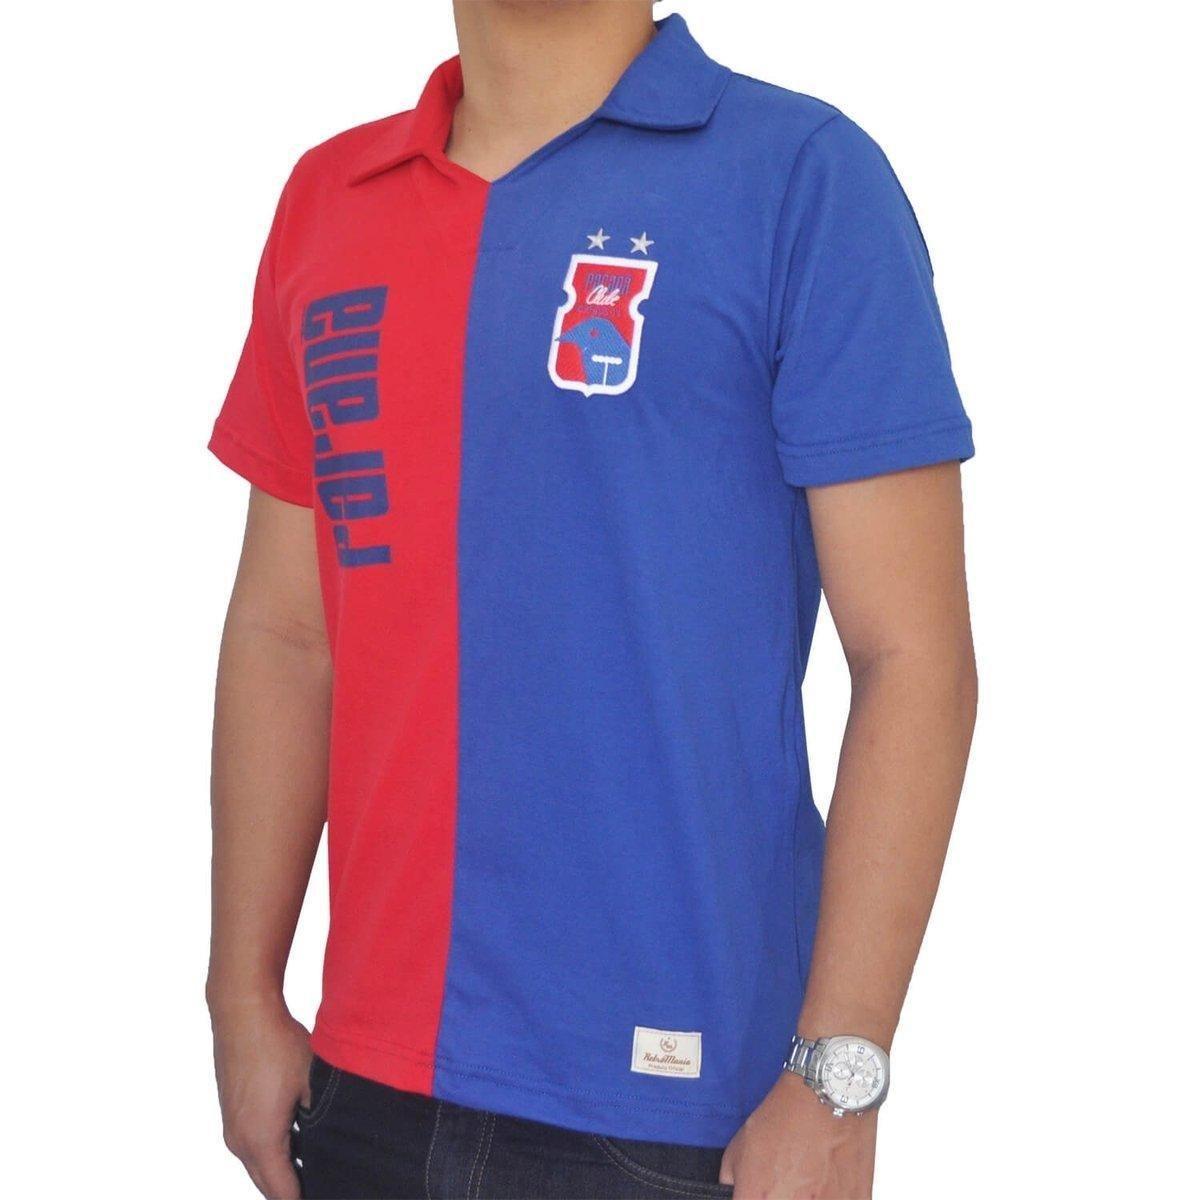 Camisa Retrô Mania Paraná Clube Anos 90 - Azul e Vermelho - Compre ... 0cd2e3e9856b8